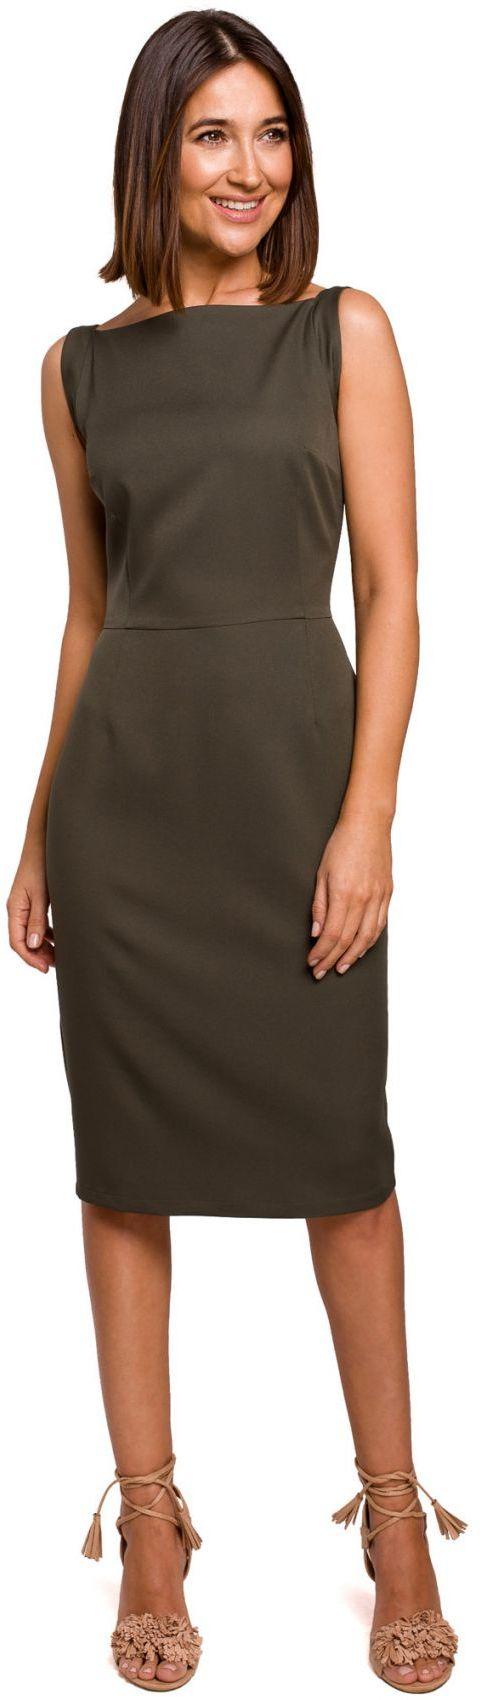 S216 Sukienka ołówkowa bez rękawów - khaki